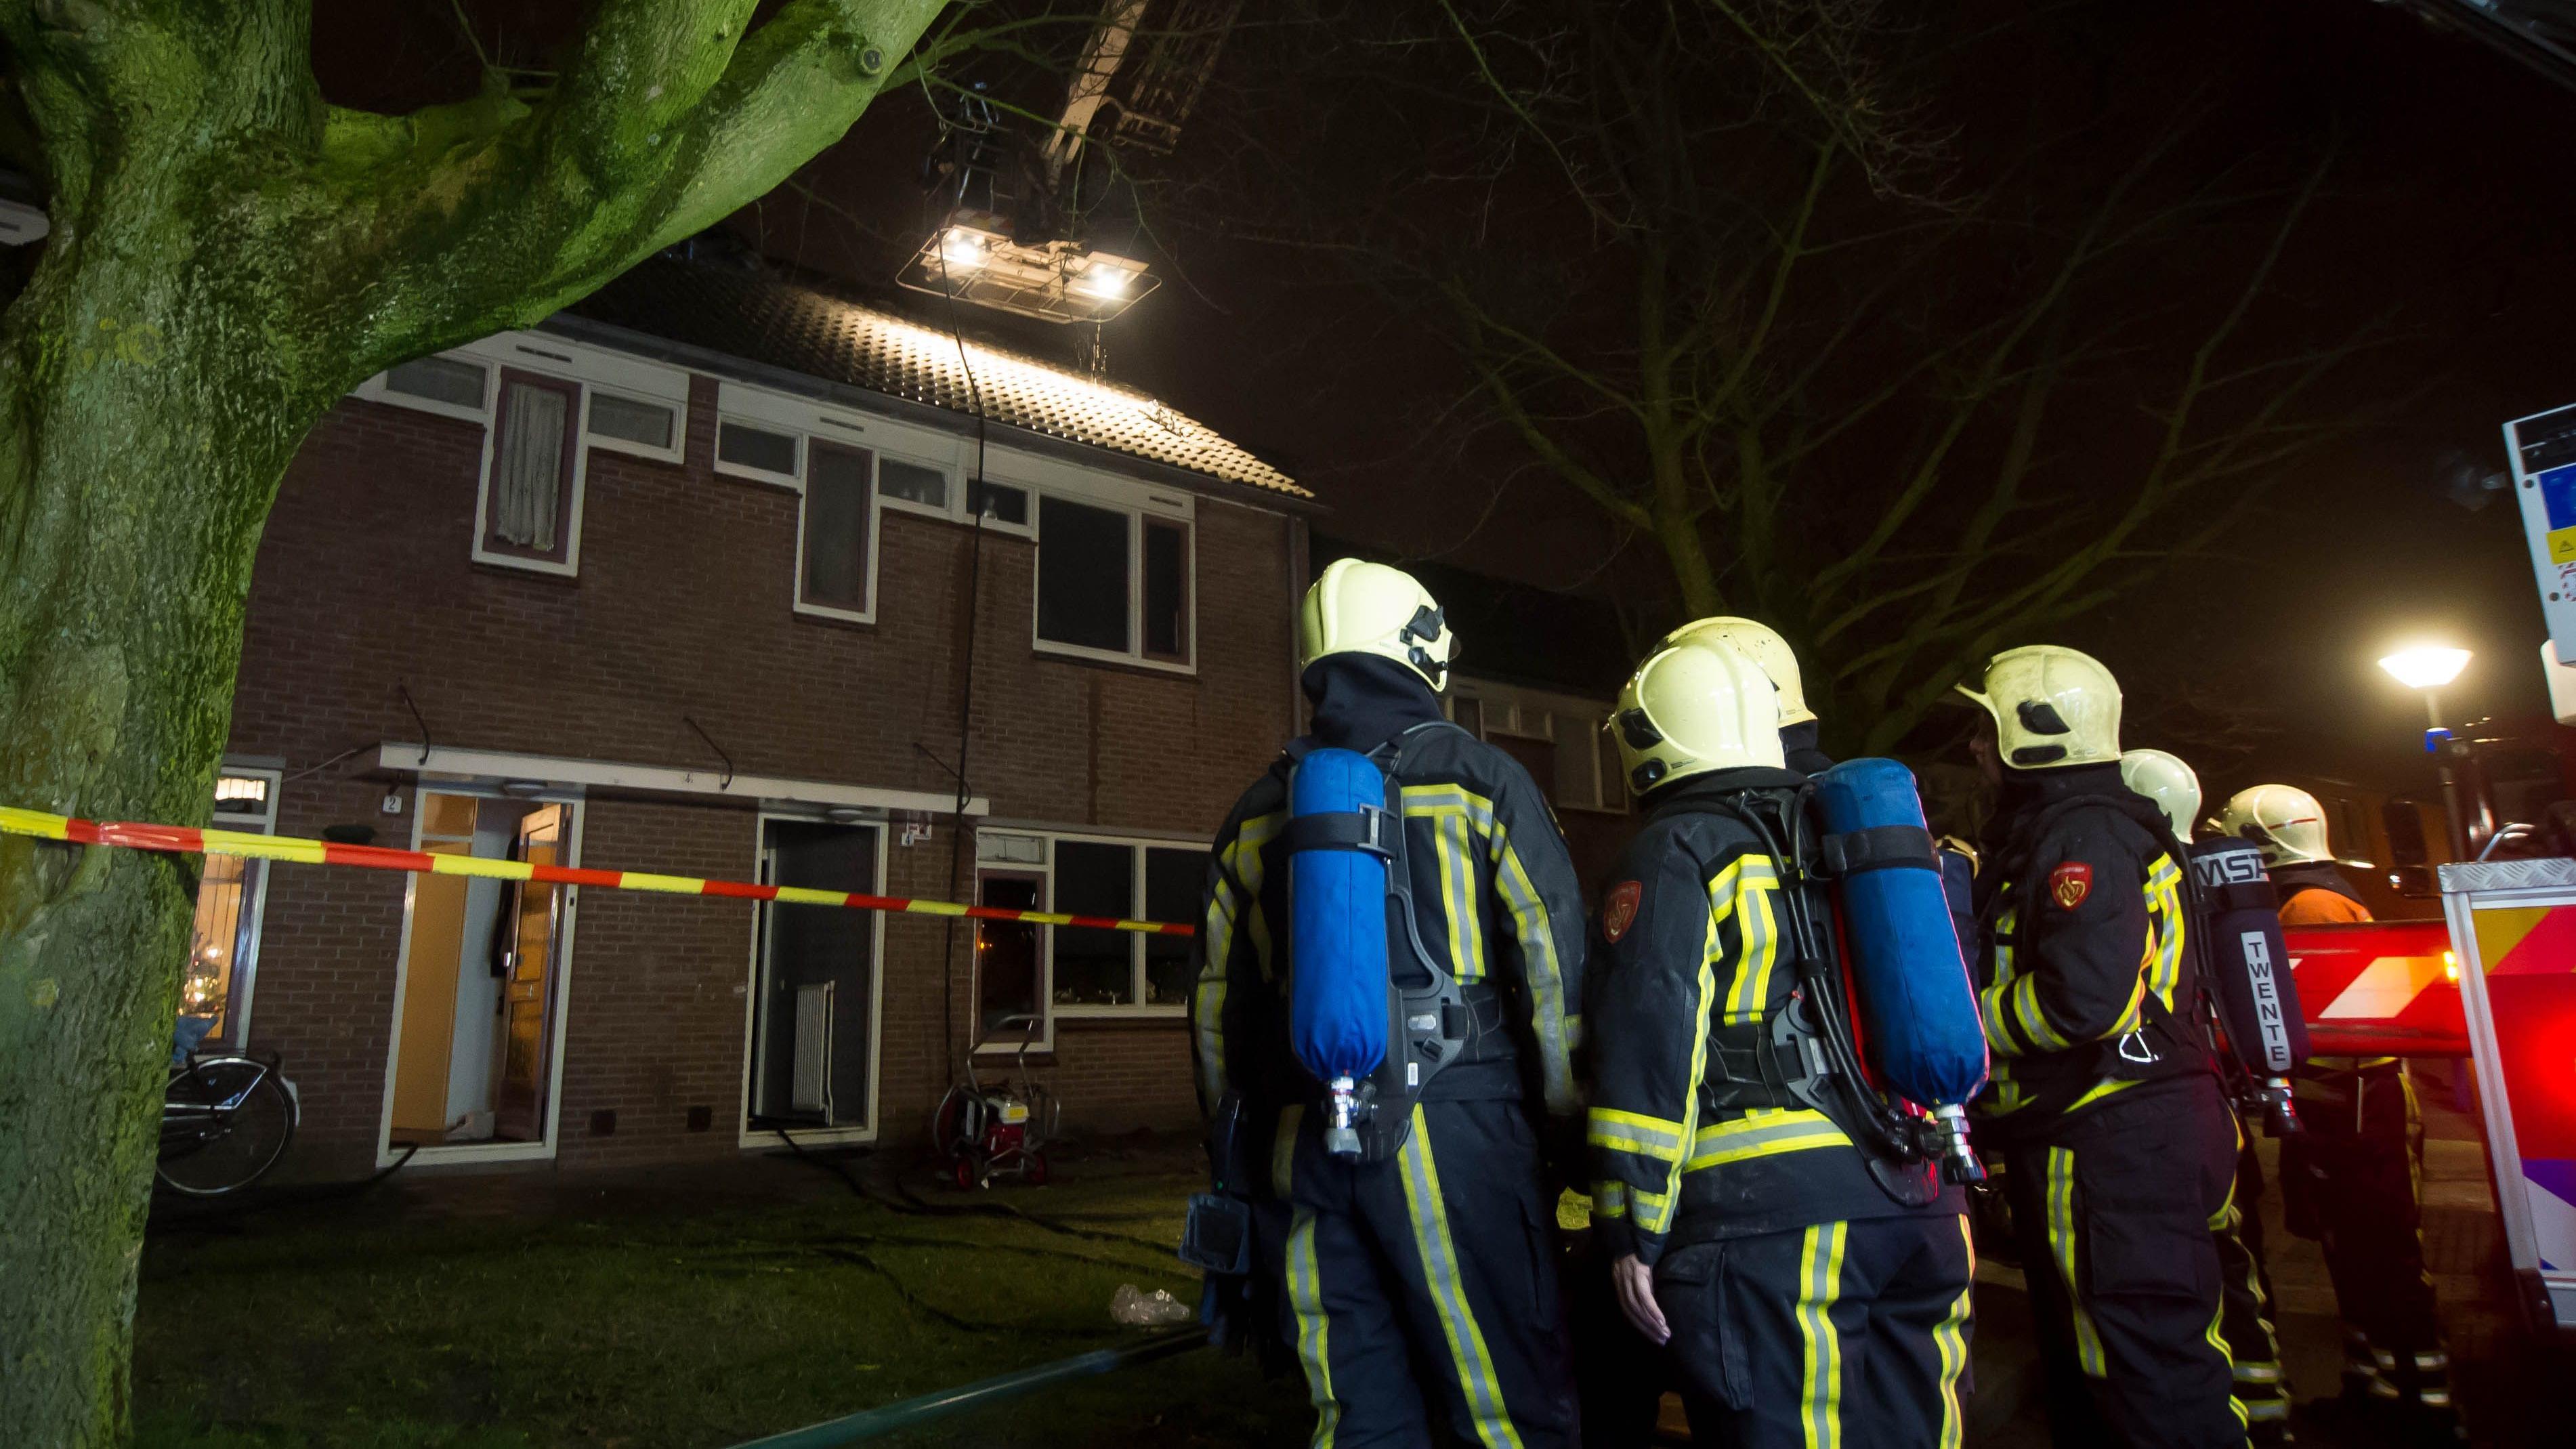 Woningbrand aan mezenstraat in almelo - Zolder stelt fotos aan ...